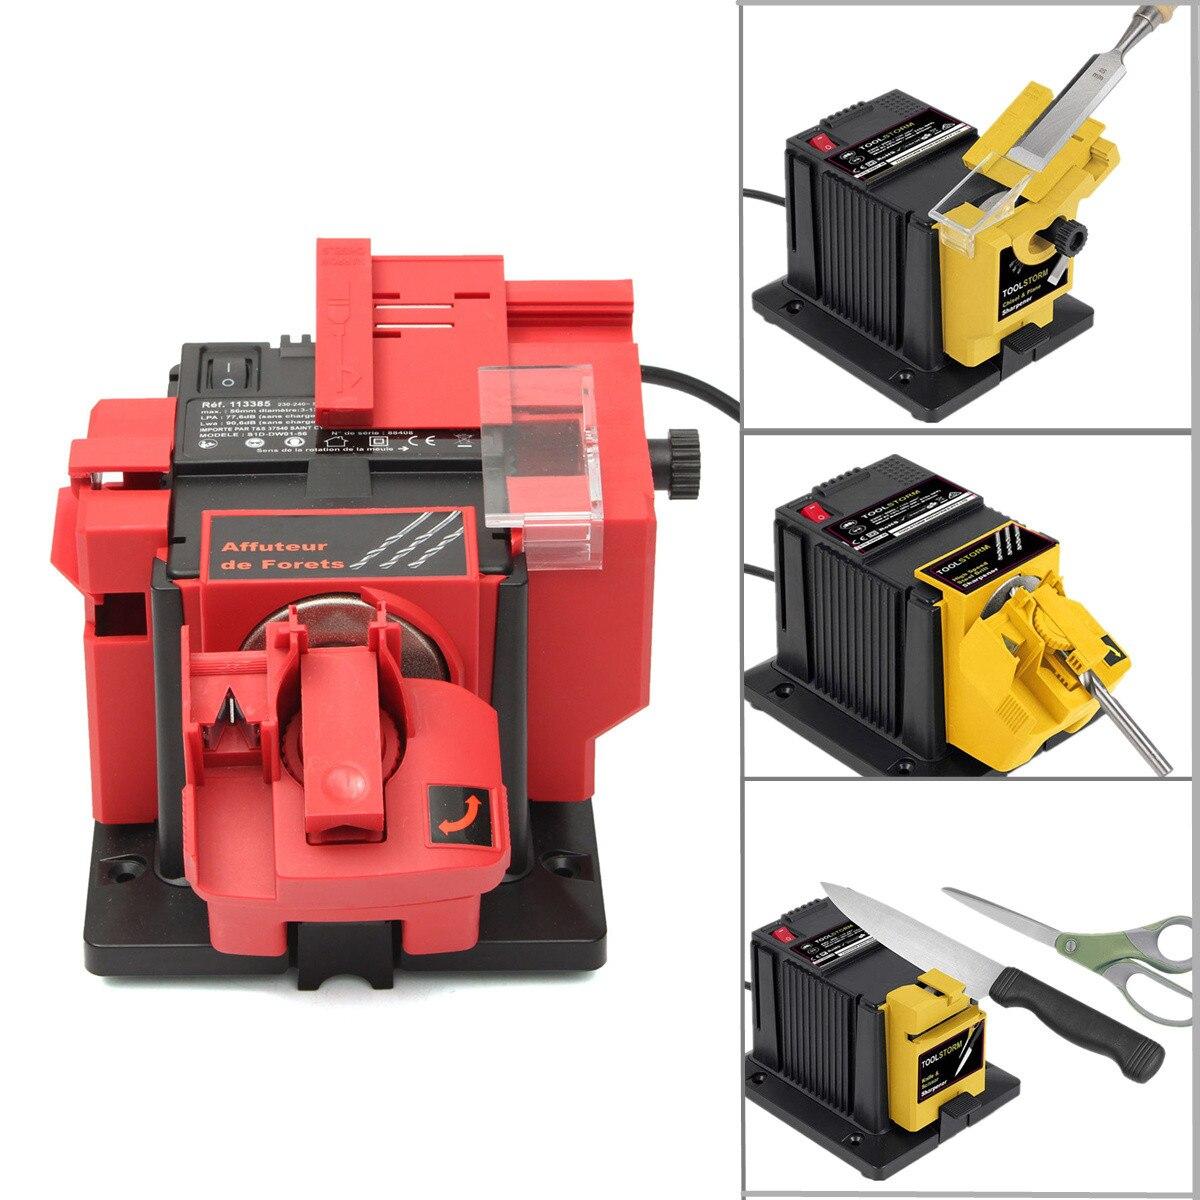 230-240 v/AC 50 hz Électrique Multi Fonction Sharpener Foret Ciseaux Ciseau Raboteuse Meule Emery vitesse de Rotation 1350/min